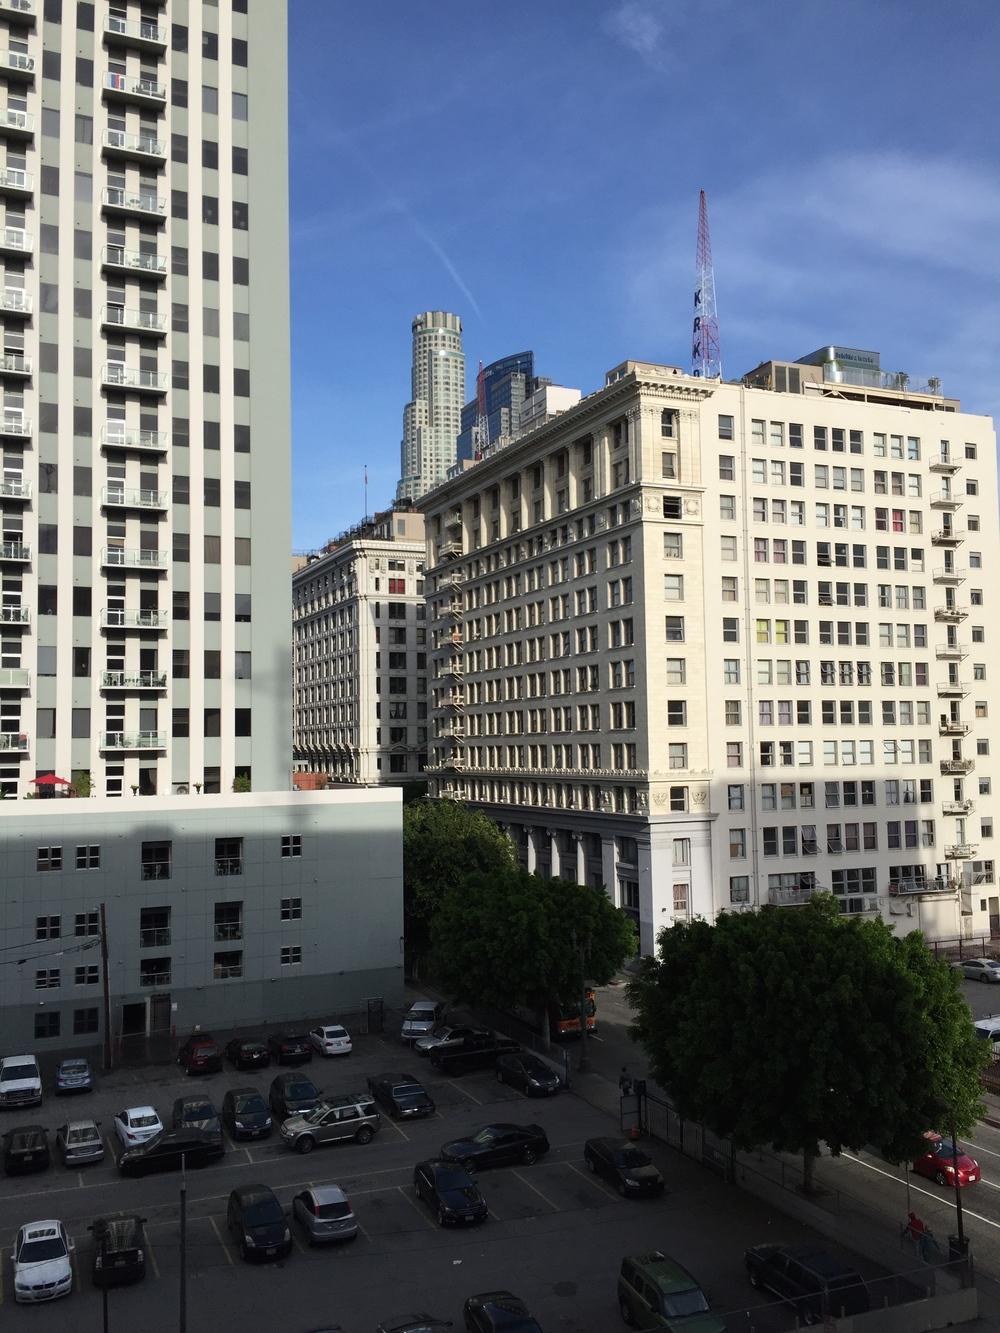 Downtown, LA.